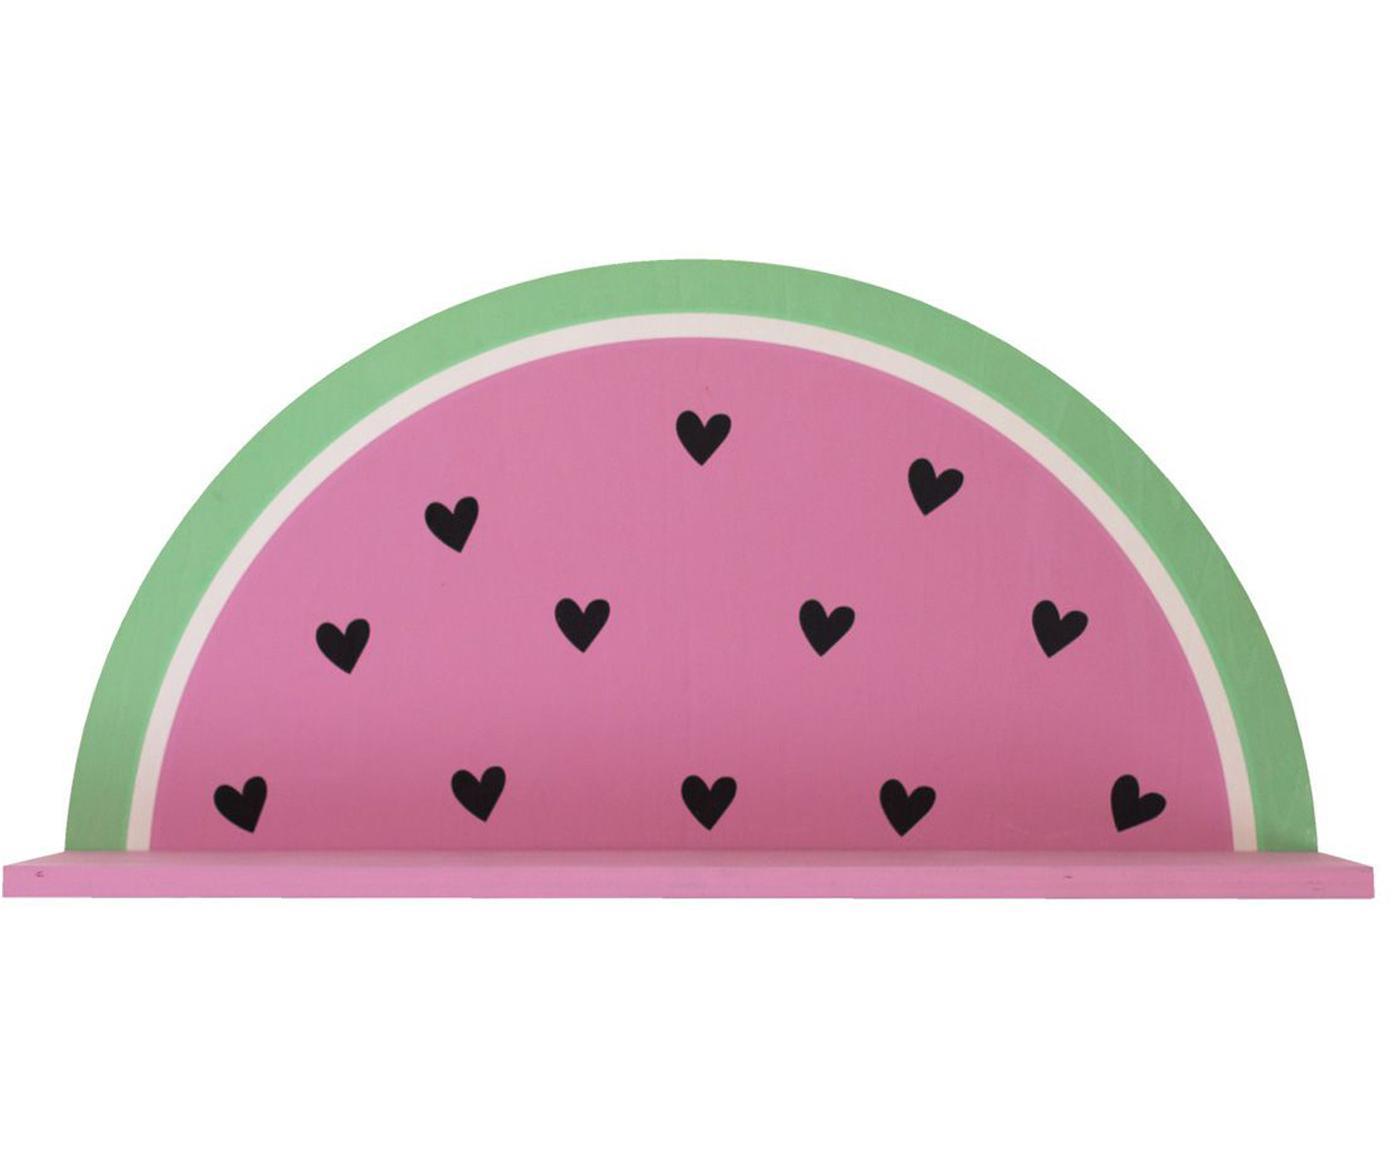 Wandrek Watermelon, Gecoat hout, Roze, groen, zwart, wit, 37 x 19 cm